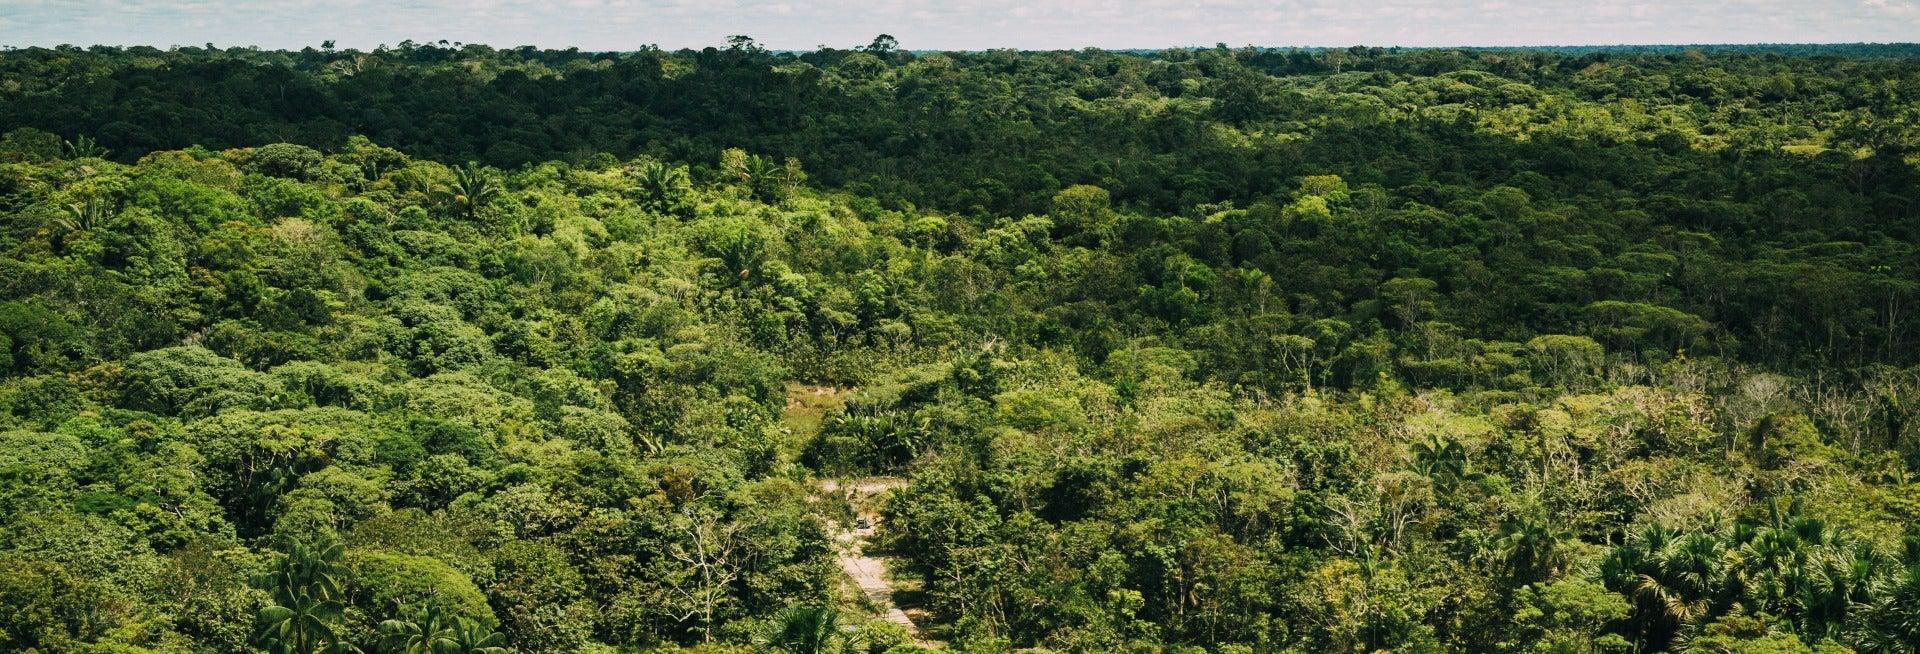 Senderismo por la selva amazónica